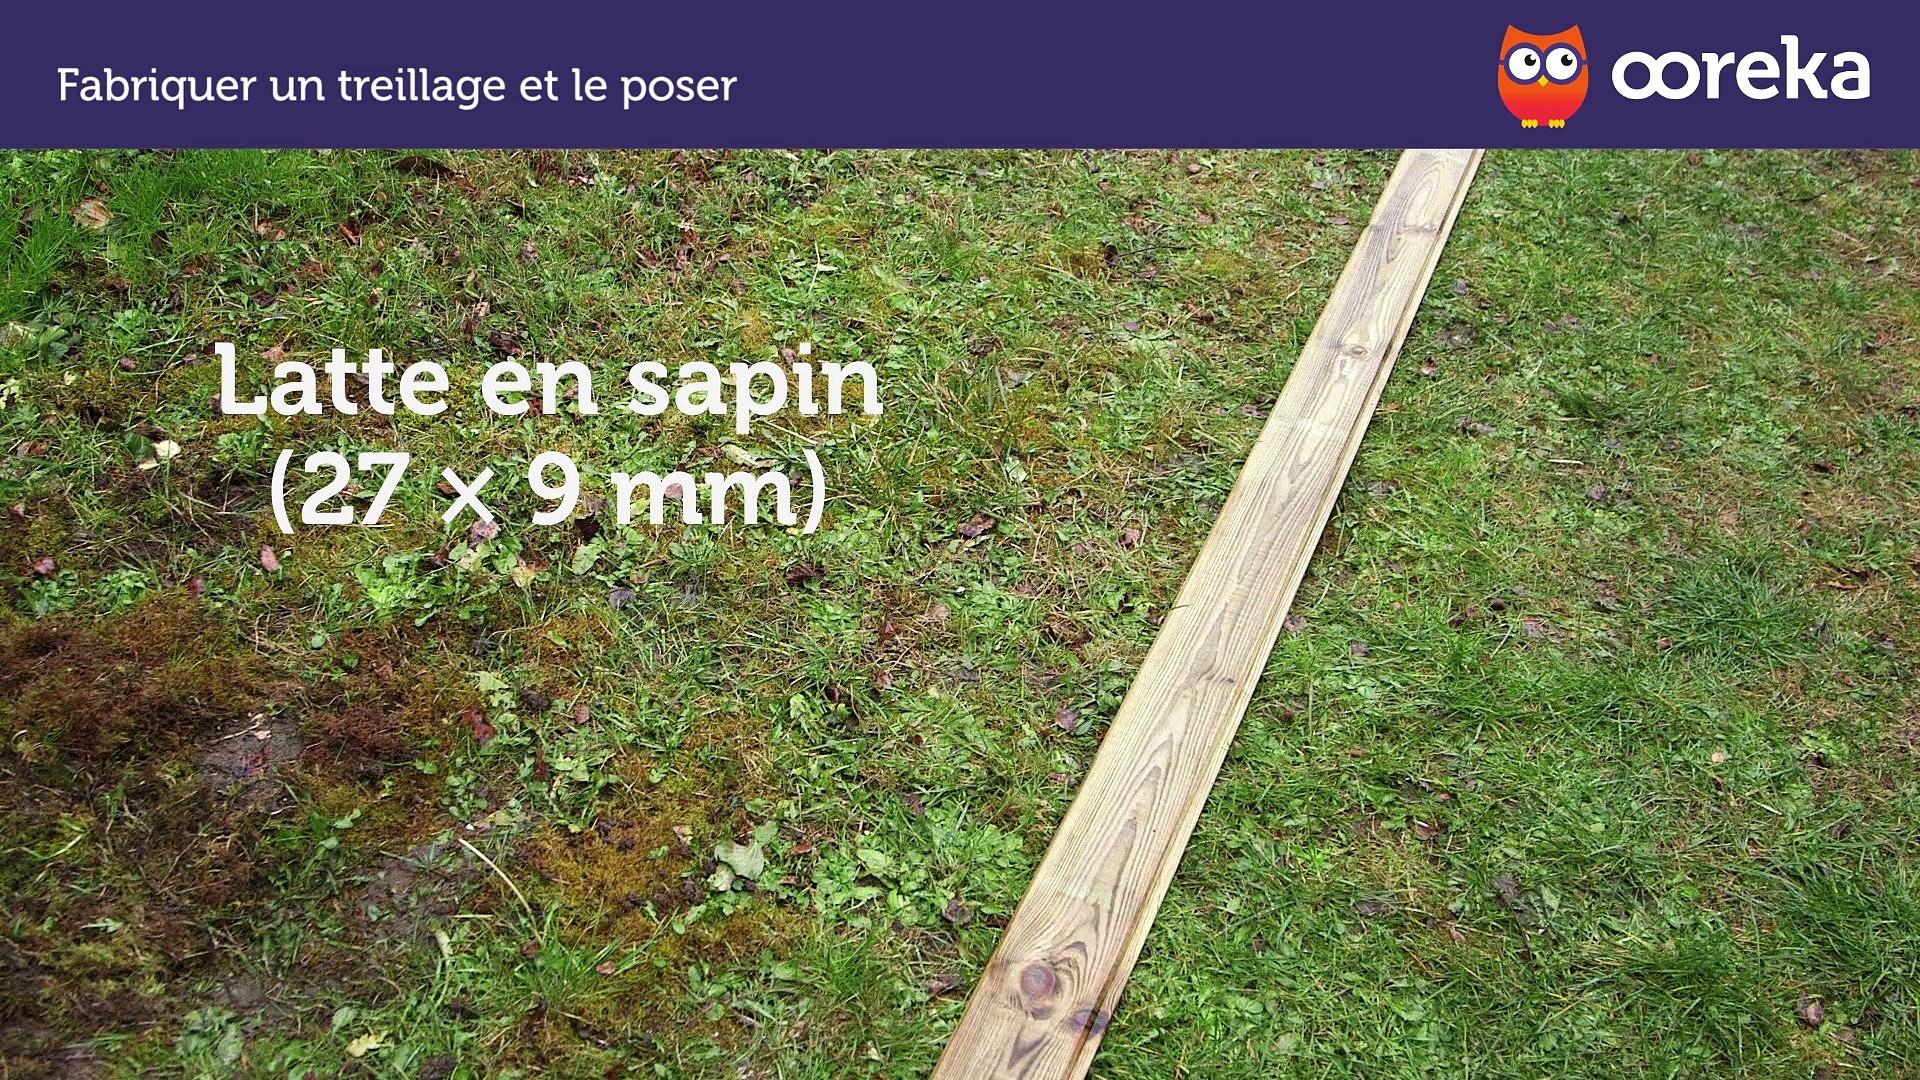 Fabriquer Treillis Bois Pour Plantes Grimpantes comment fabriquer un treillage et le poser (ooreka.fr)